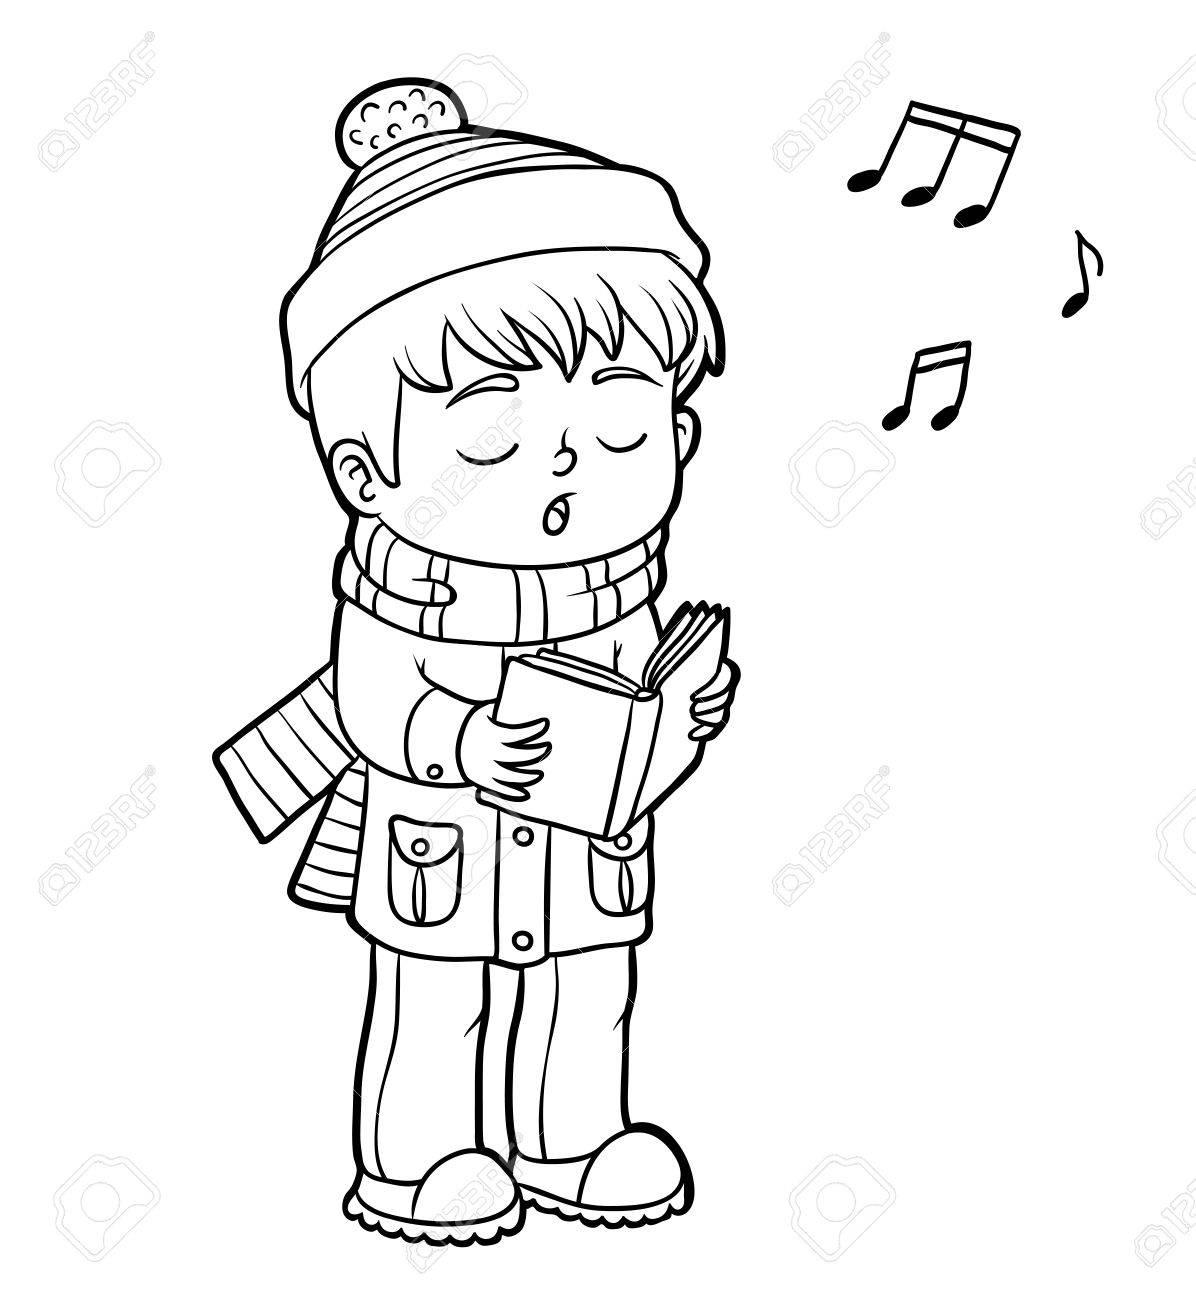 Malbuch Für Kinder, Junge Singt Ein Weihnachtslied Lizenzfrei ...